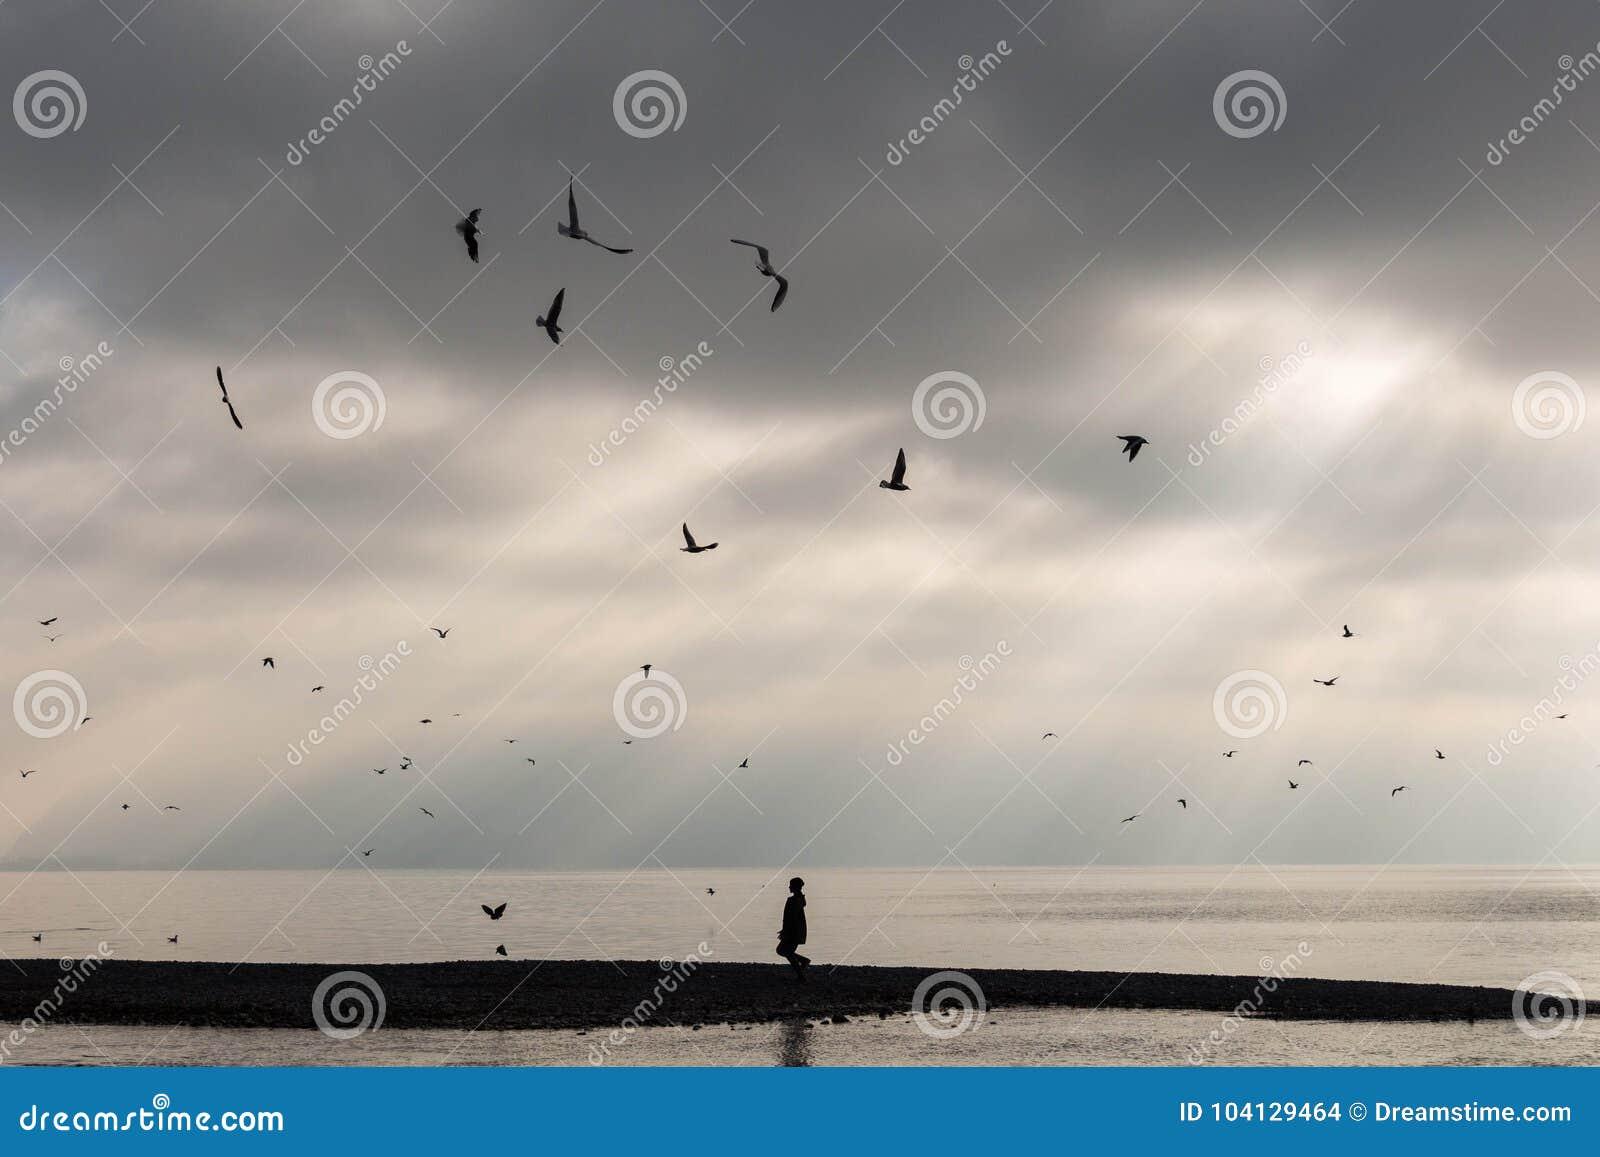 Παραλία ερήμων στο ηλιοβασίλεμα με τον απομονωμένους ξένο και τα πουλιά